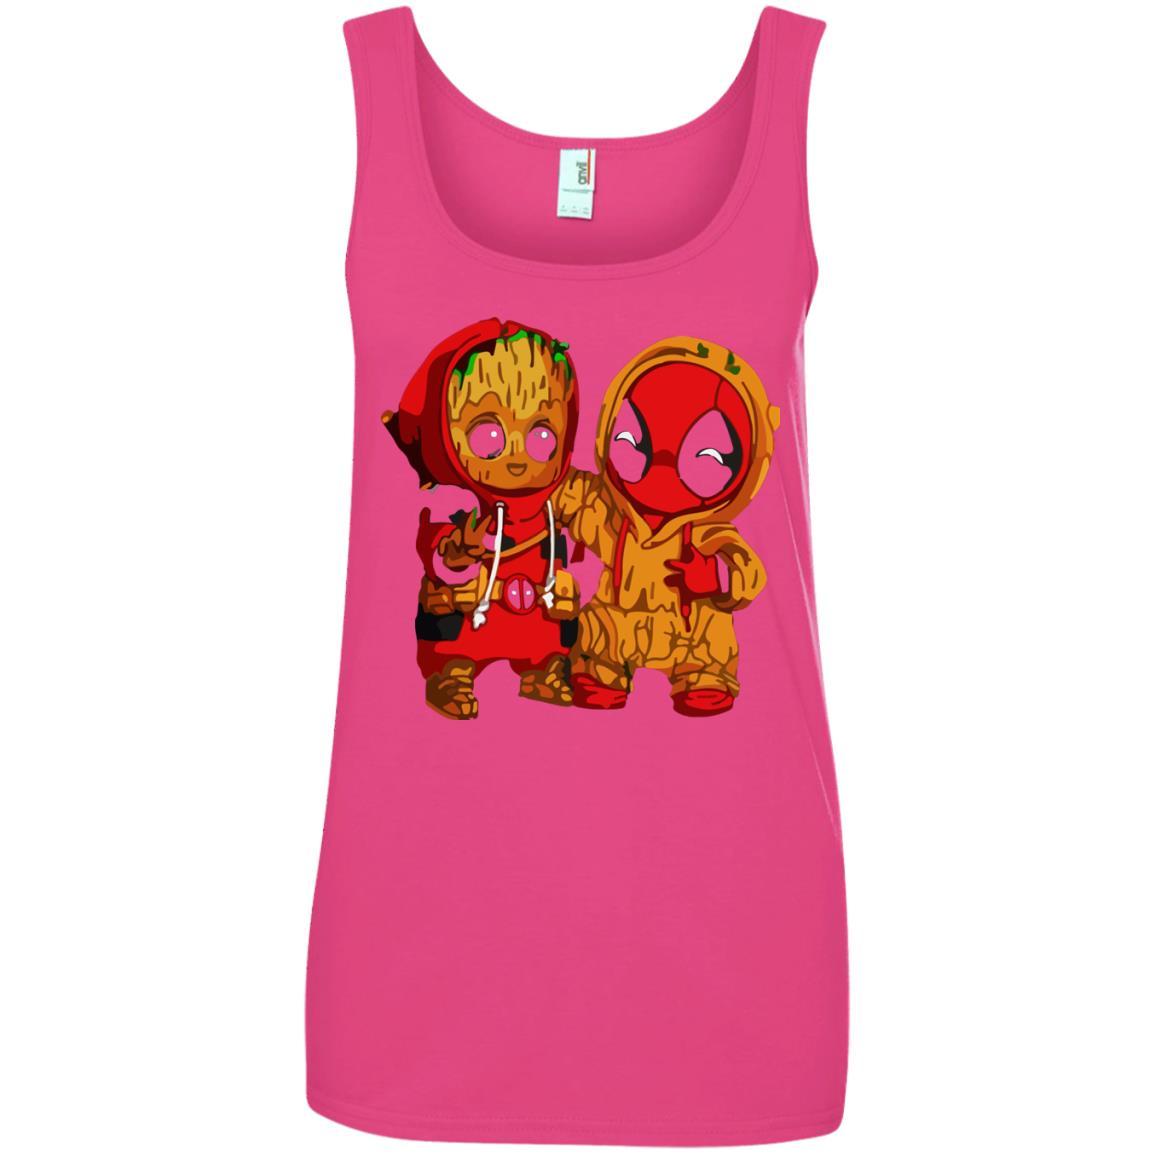 image 440 - Baby Groot And Deadpool Sweatshirt, Hoodie